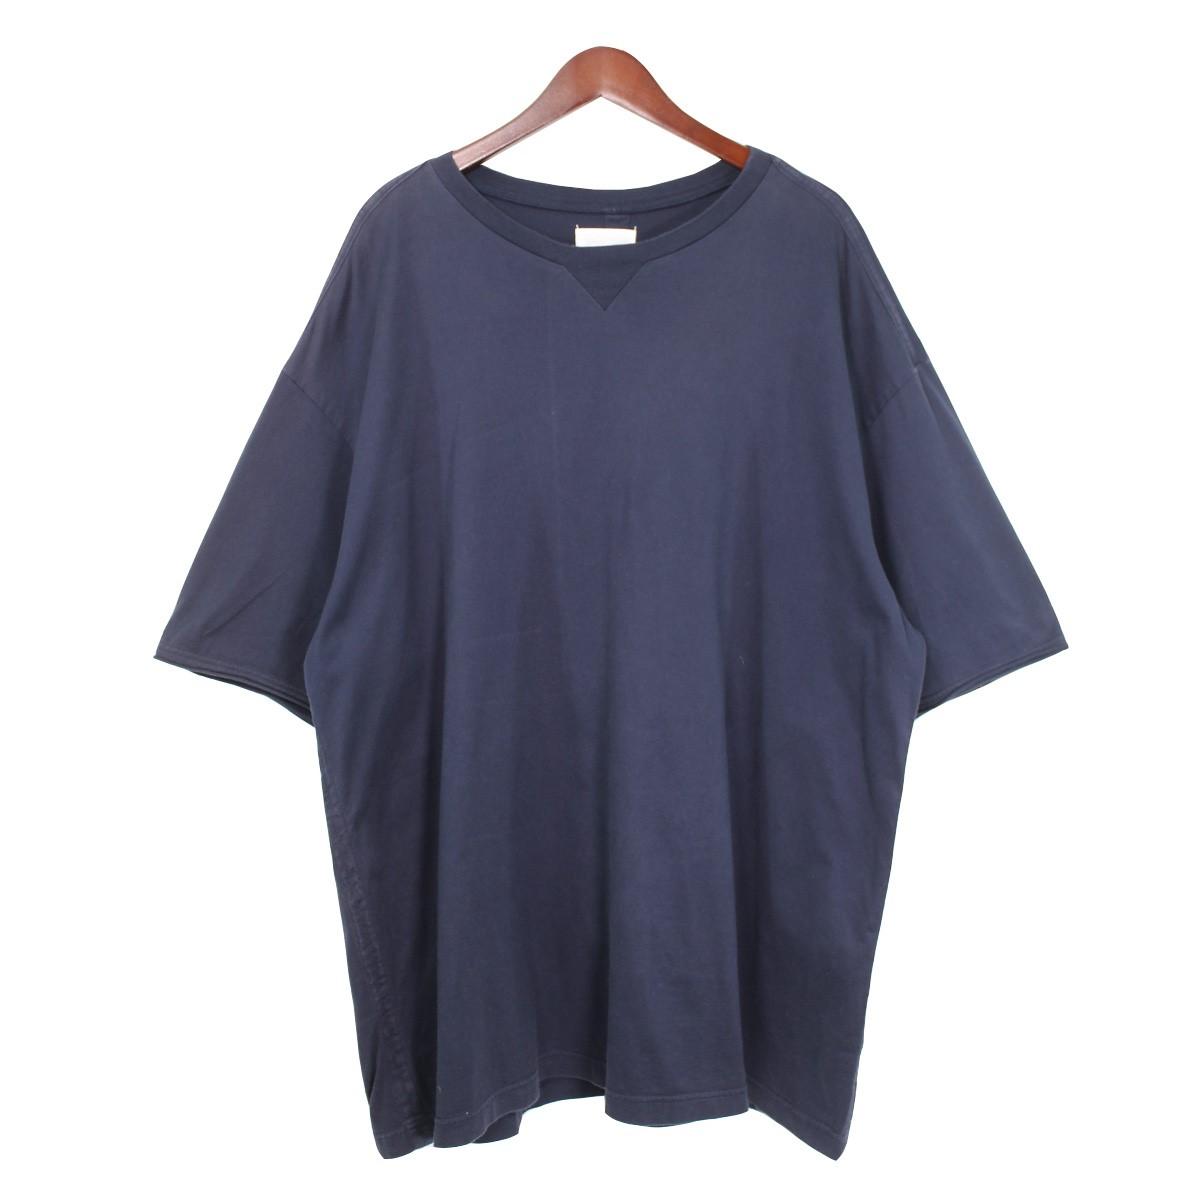 【中古】TAKAHIROMIYASHITA TheSoloIst. 18SS oversized crew neck s/s tee オーバーサイズTシャツ ネイビー サイズ:48 【031219】(タカヒロミヤシタザソロイスト)